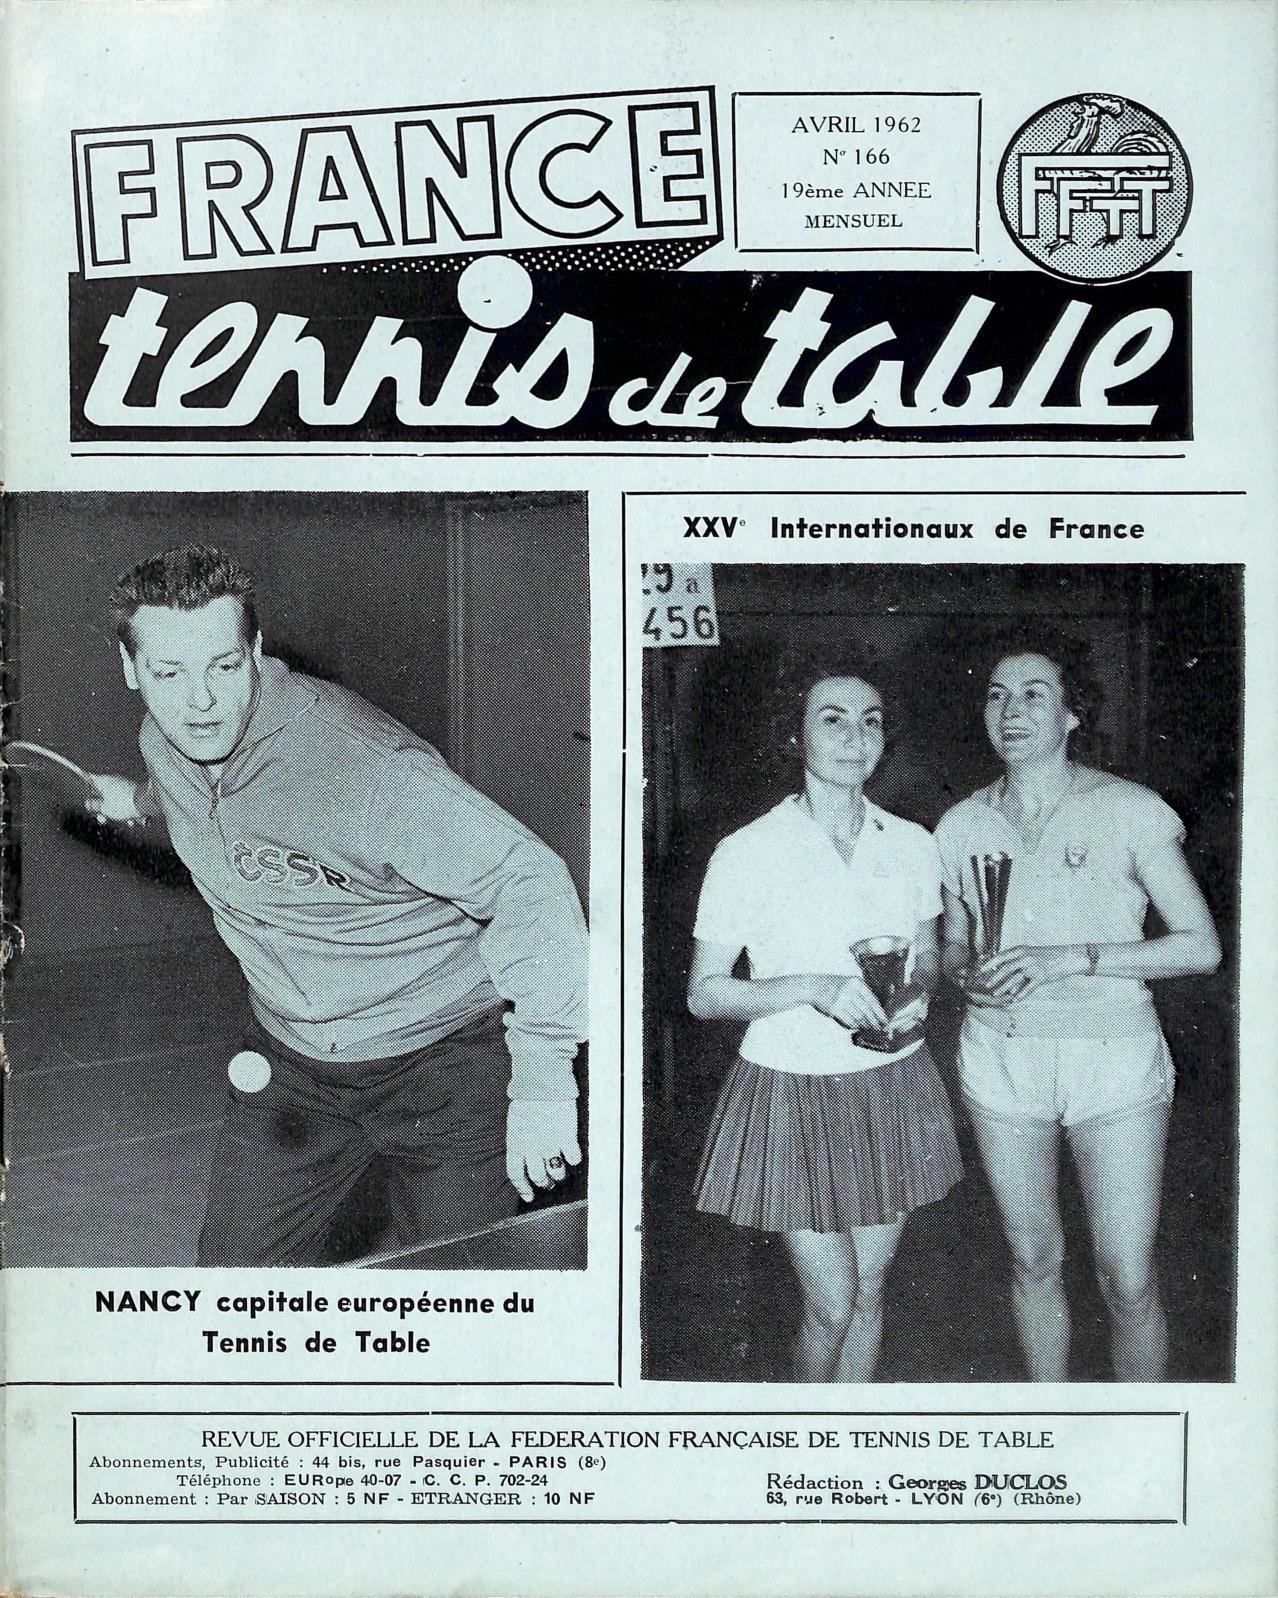 Calam o 1962 04 166 france tennis de table - Federation francaise tennis de table ...